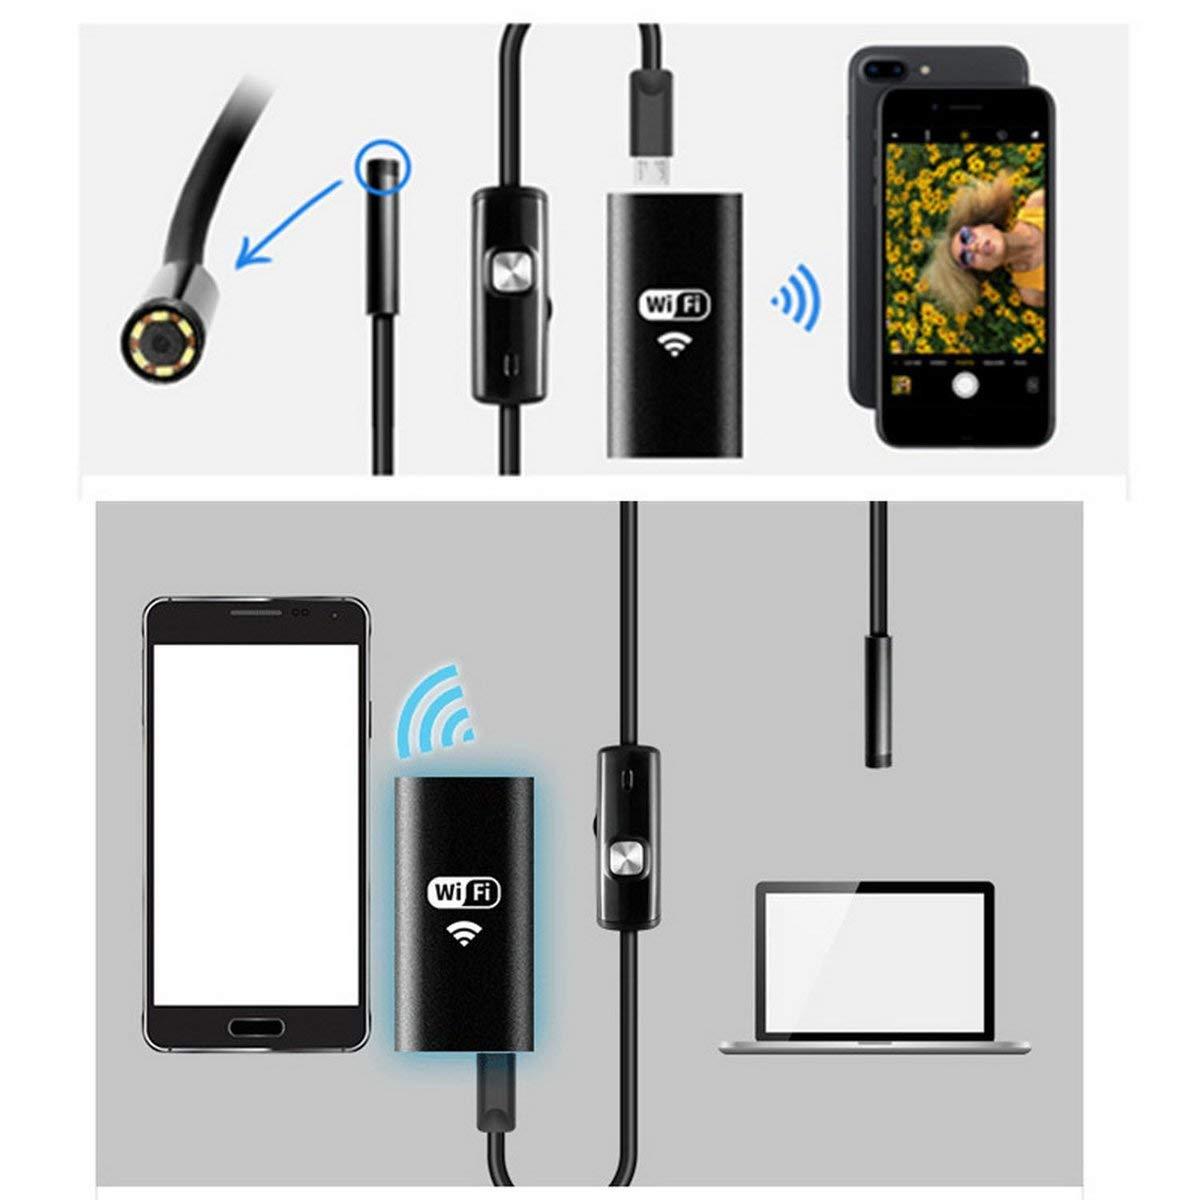 Gugutogo Impermeabile WiFi Cellulare Endoscopio 8mm 8 LED palmare periscopio Fotocamera Digitale Inspektion con Adattatore USB Nero 1,5 m